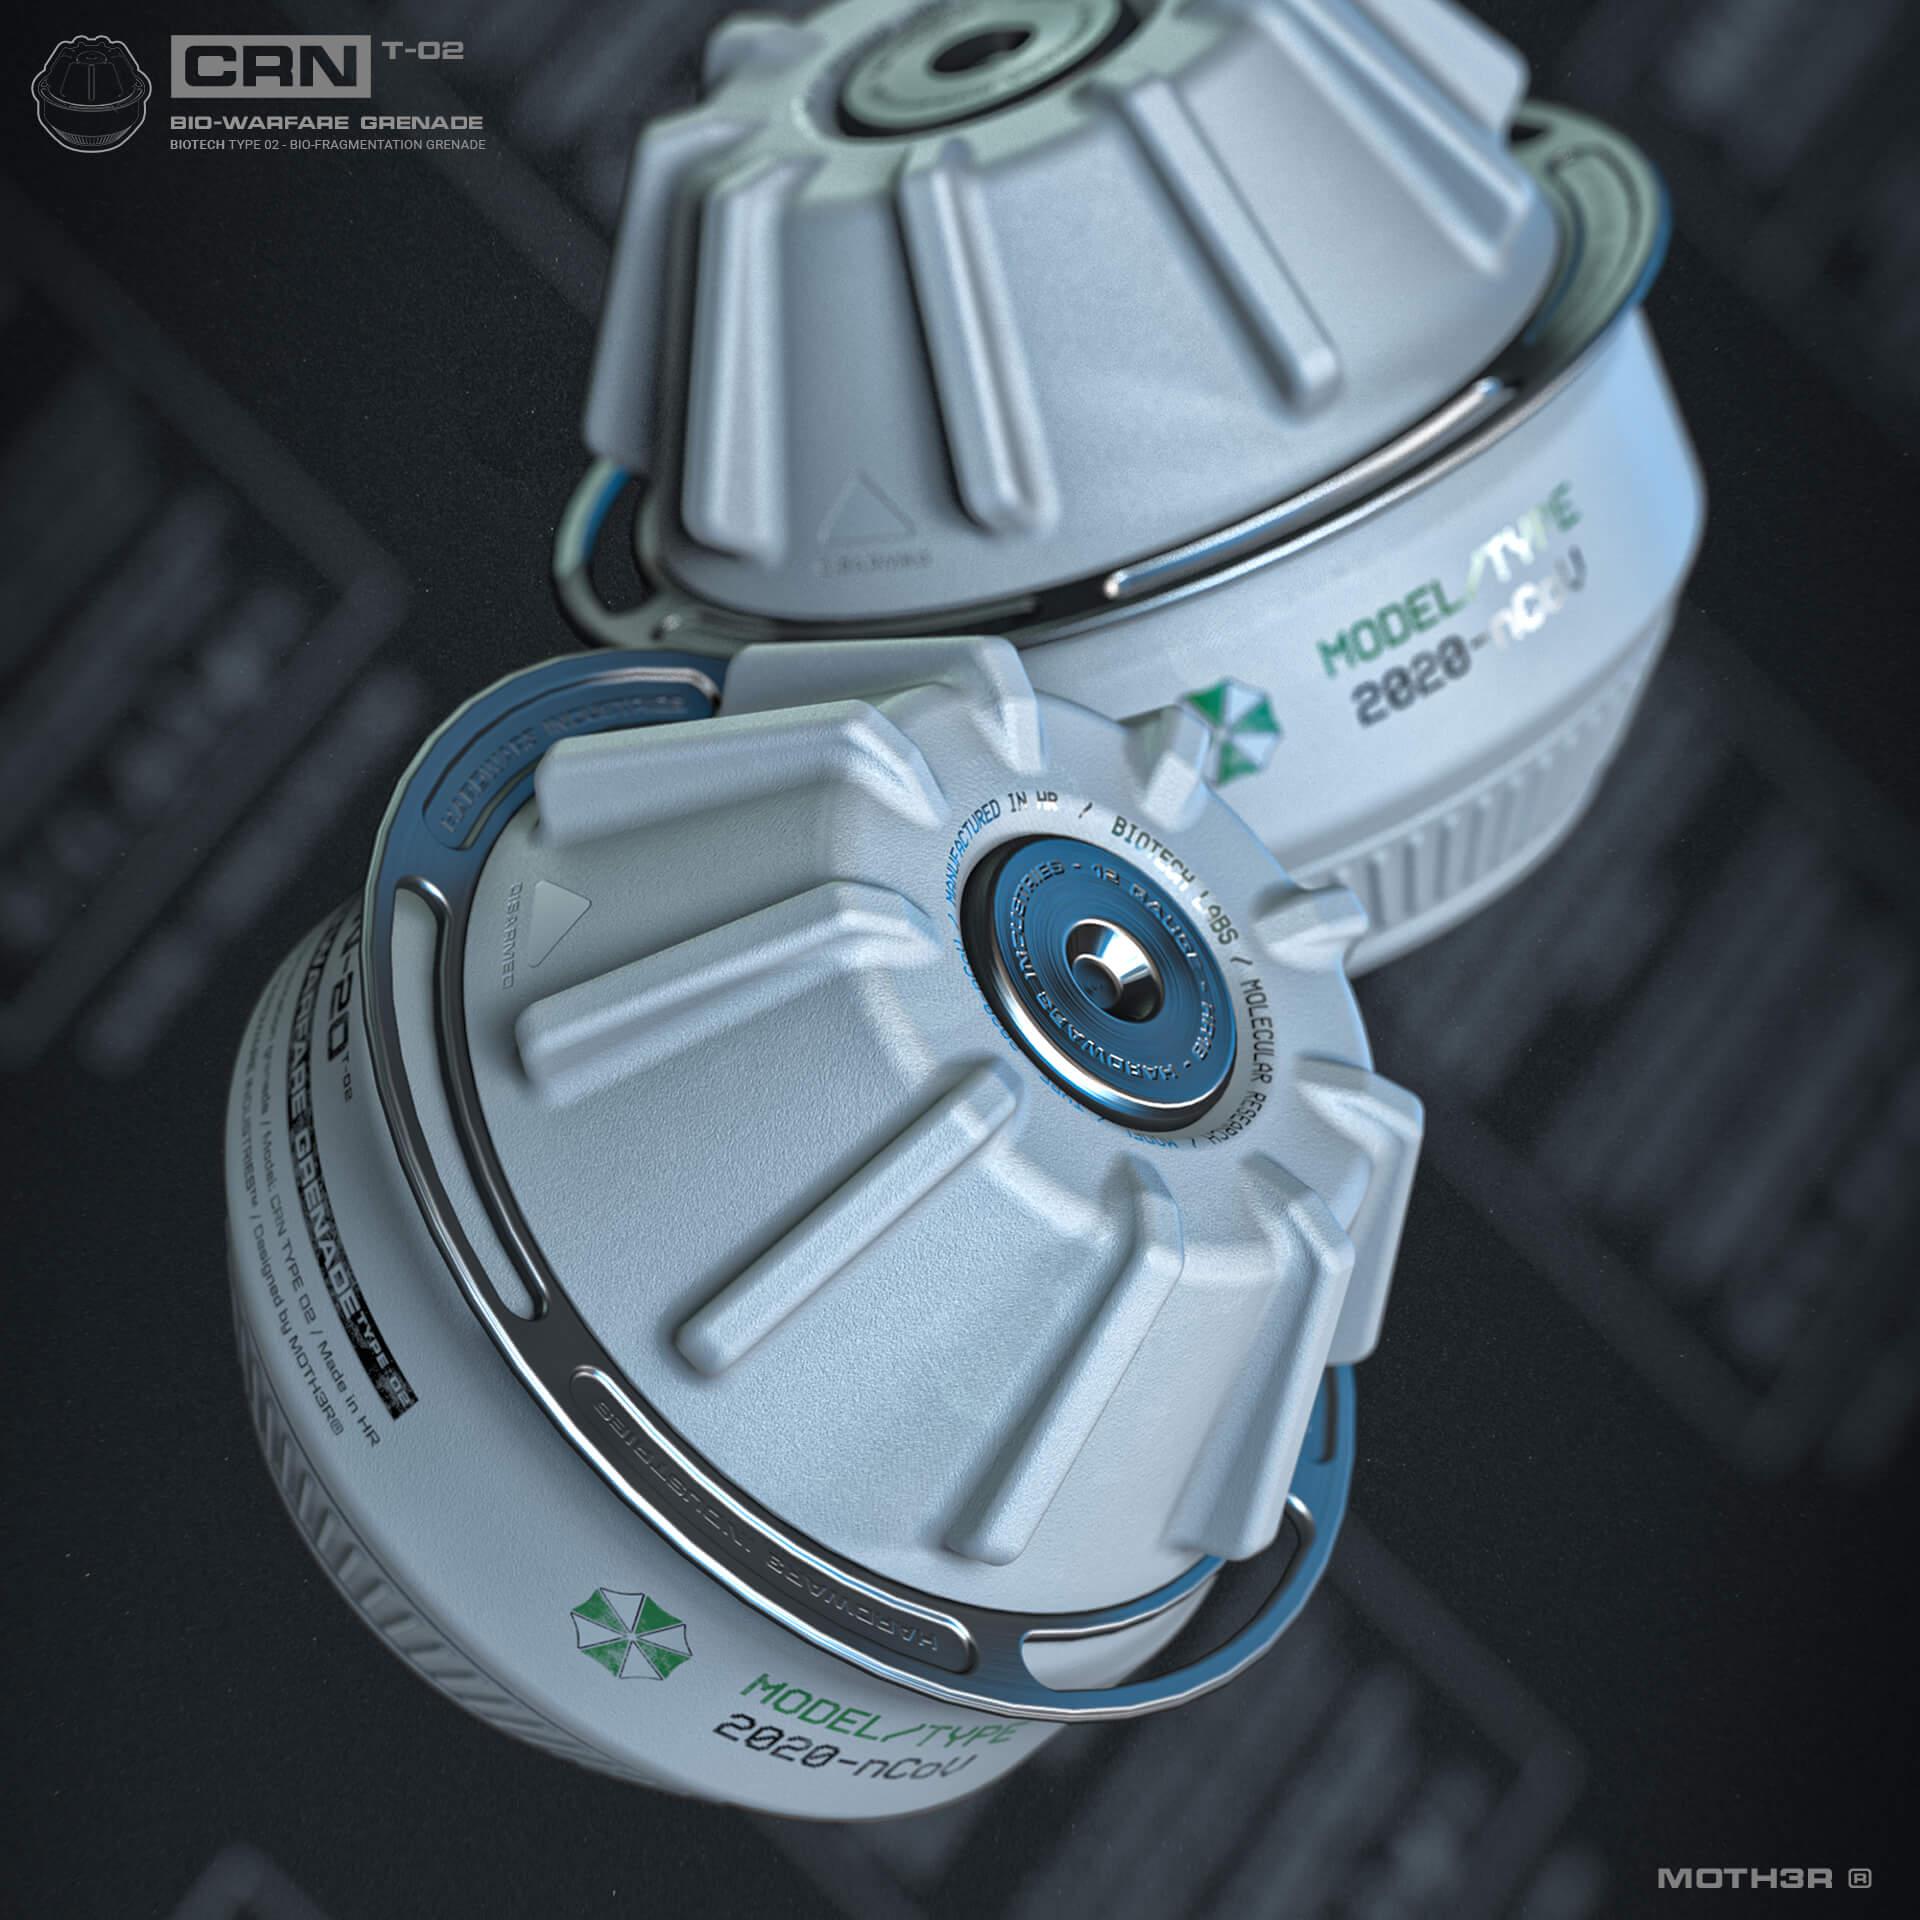 Scanner-001.129